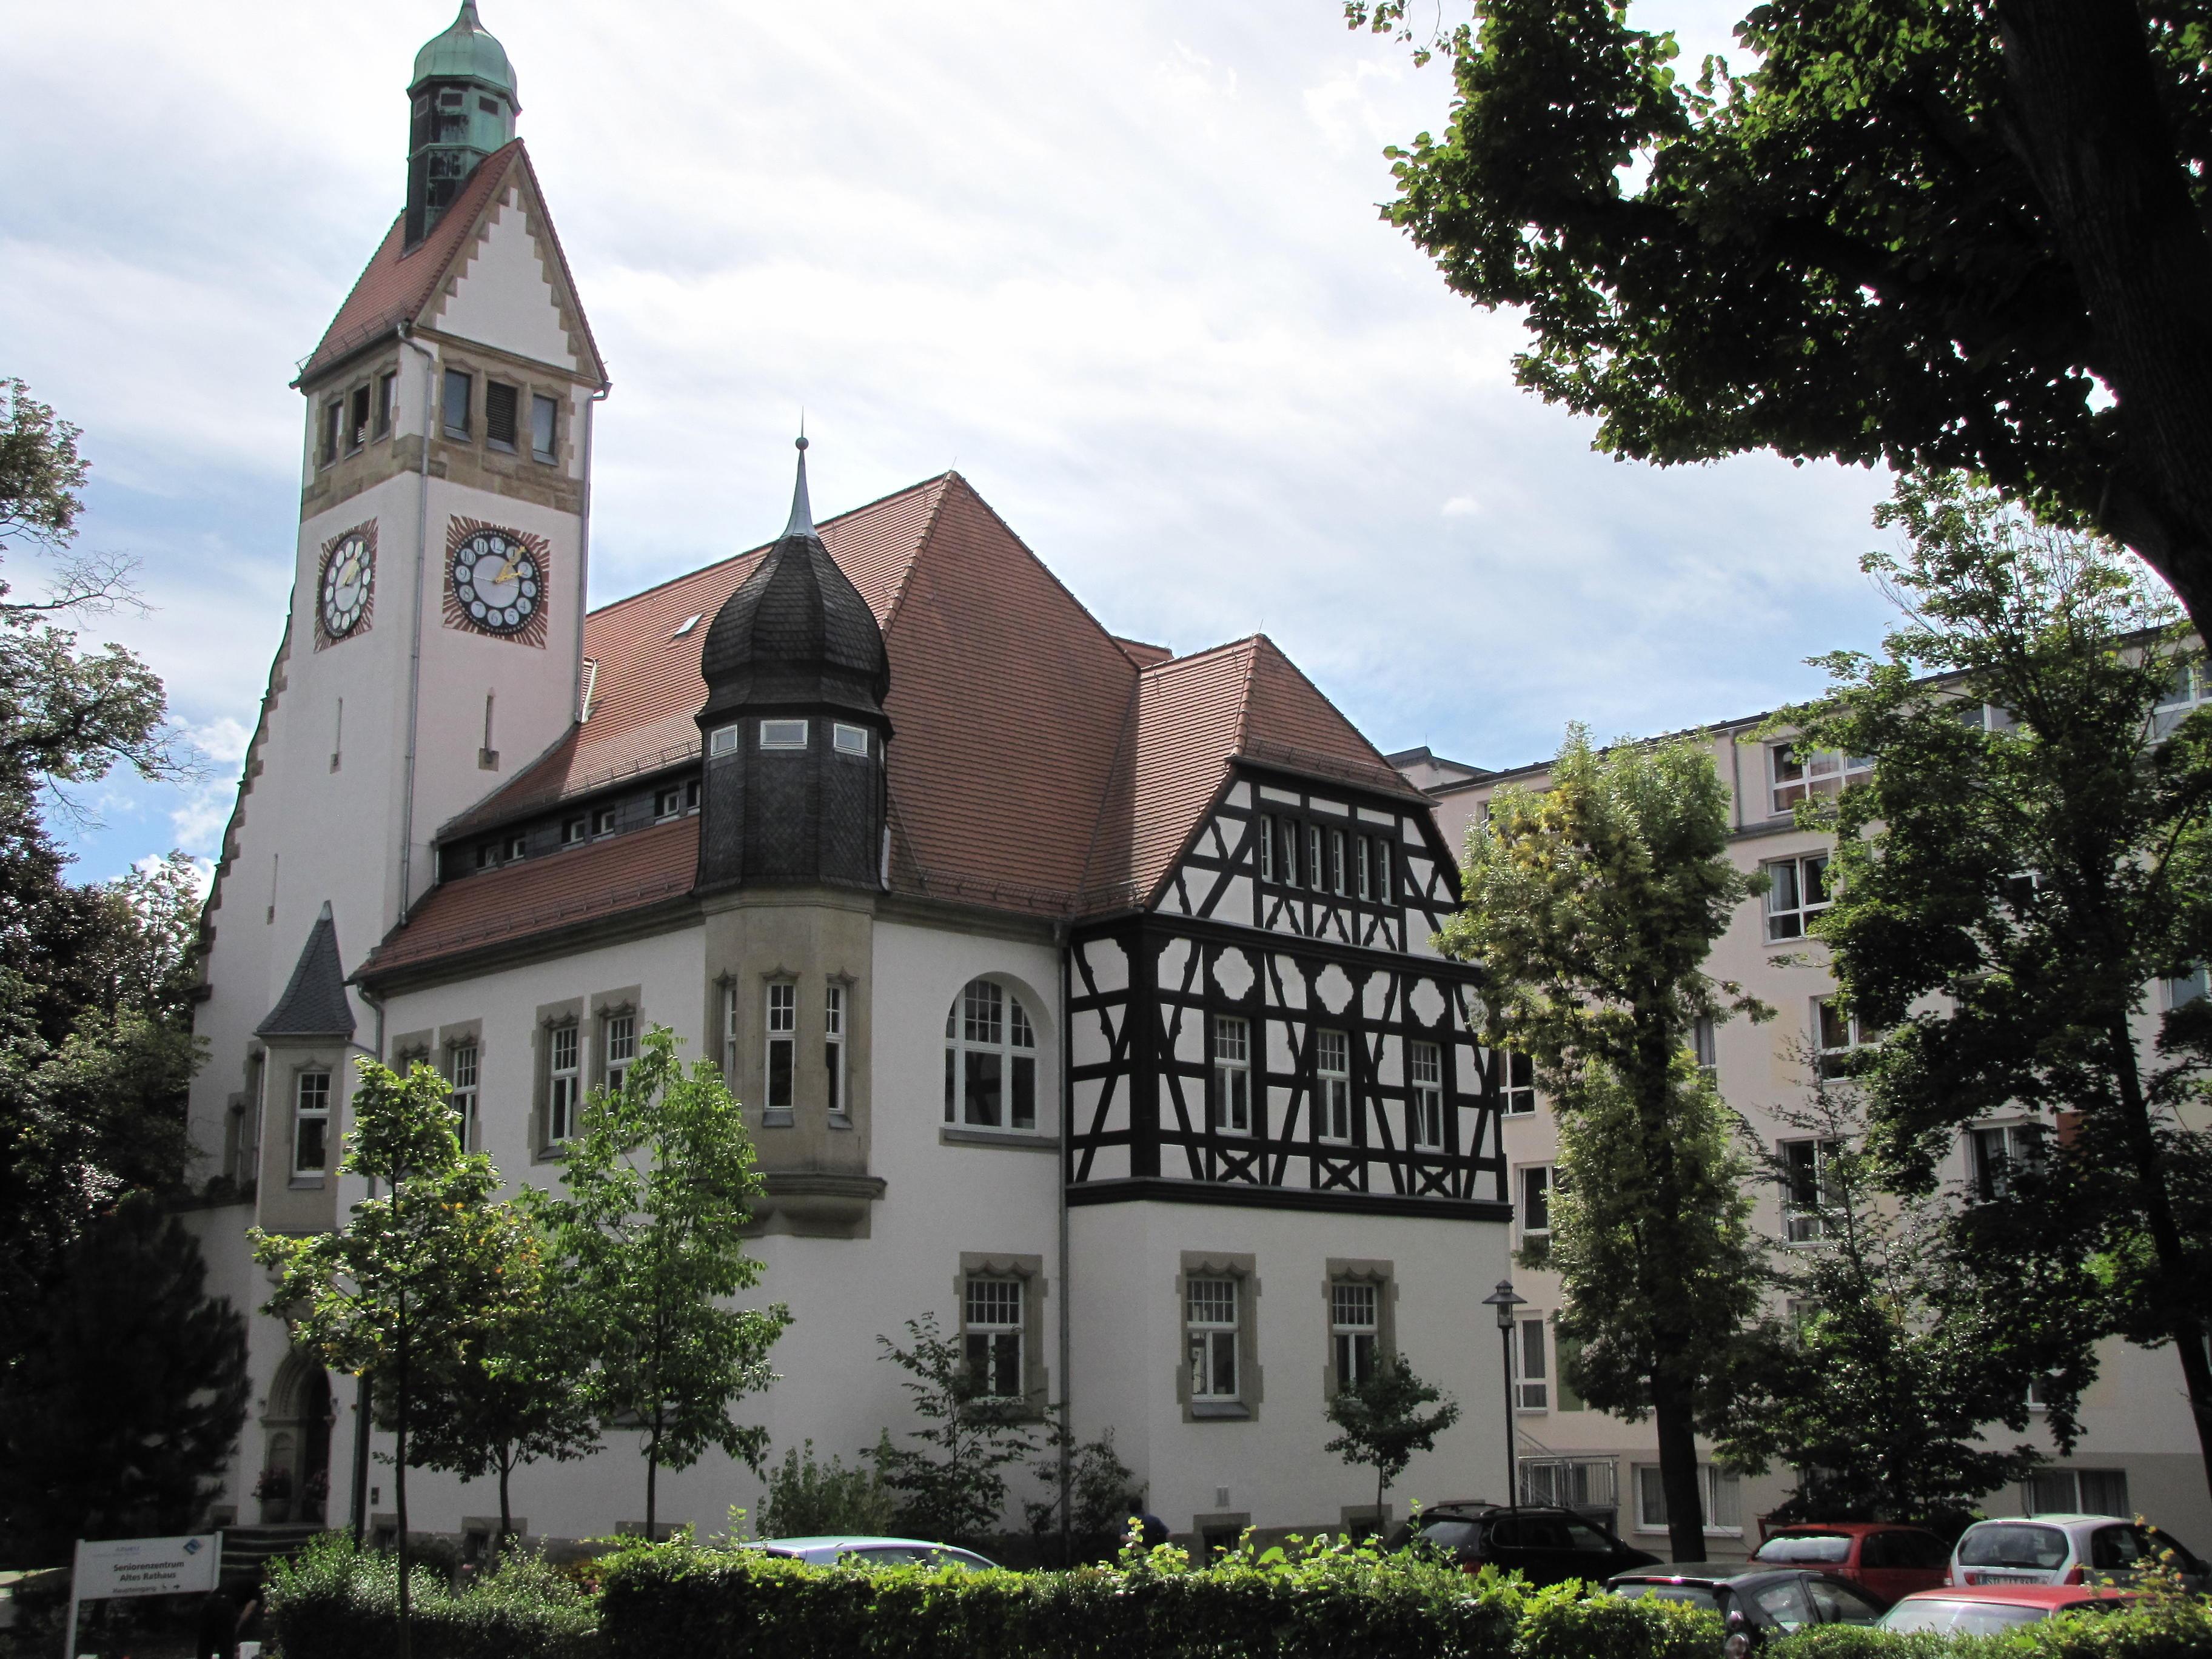 AZURIT Seniorenzentrum Altes Rathaus